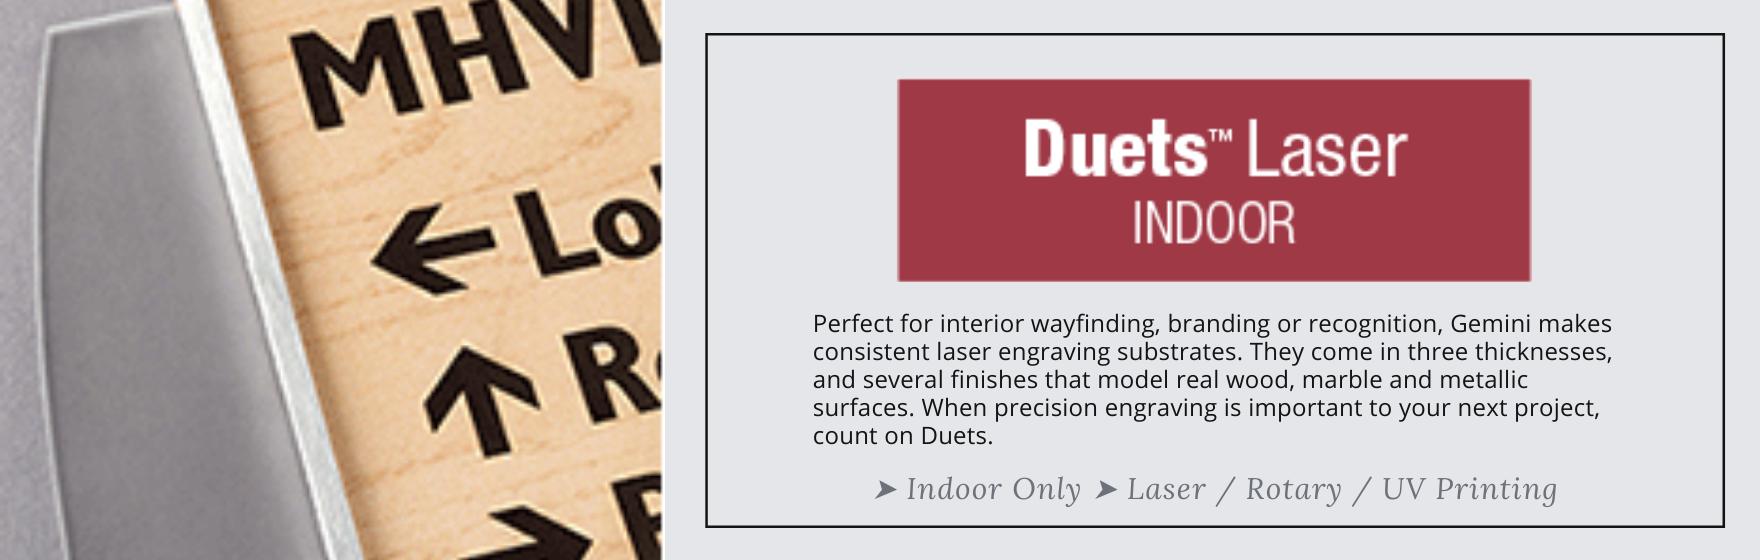 Duets Laser Indoor